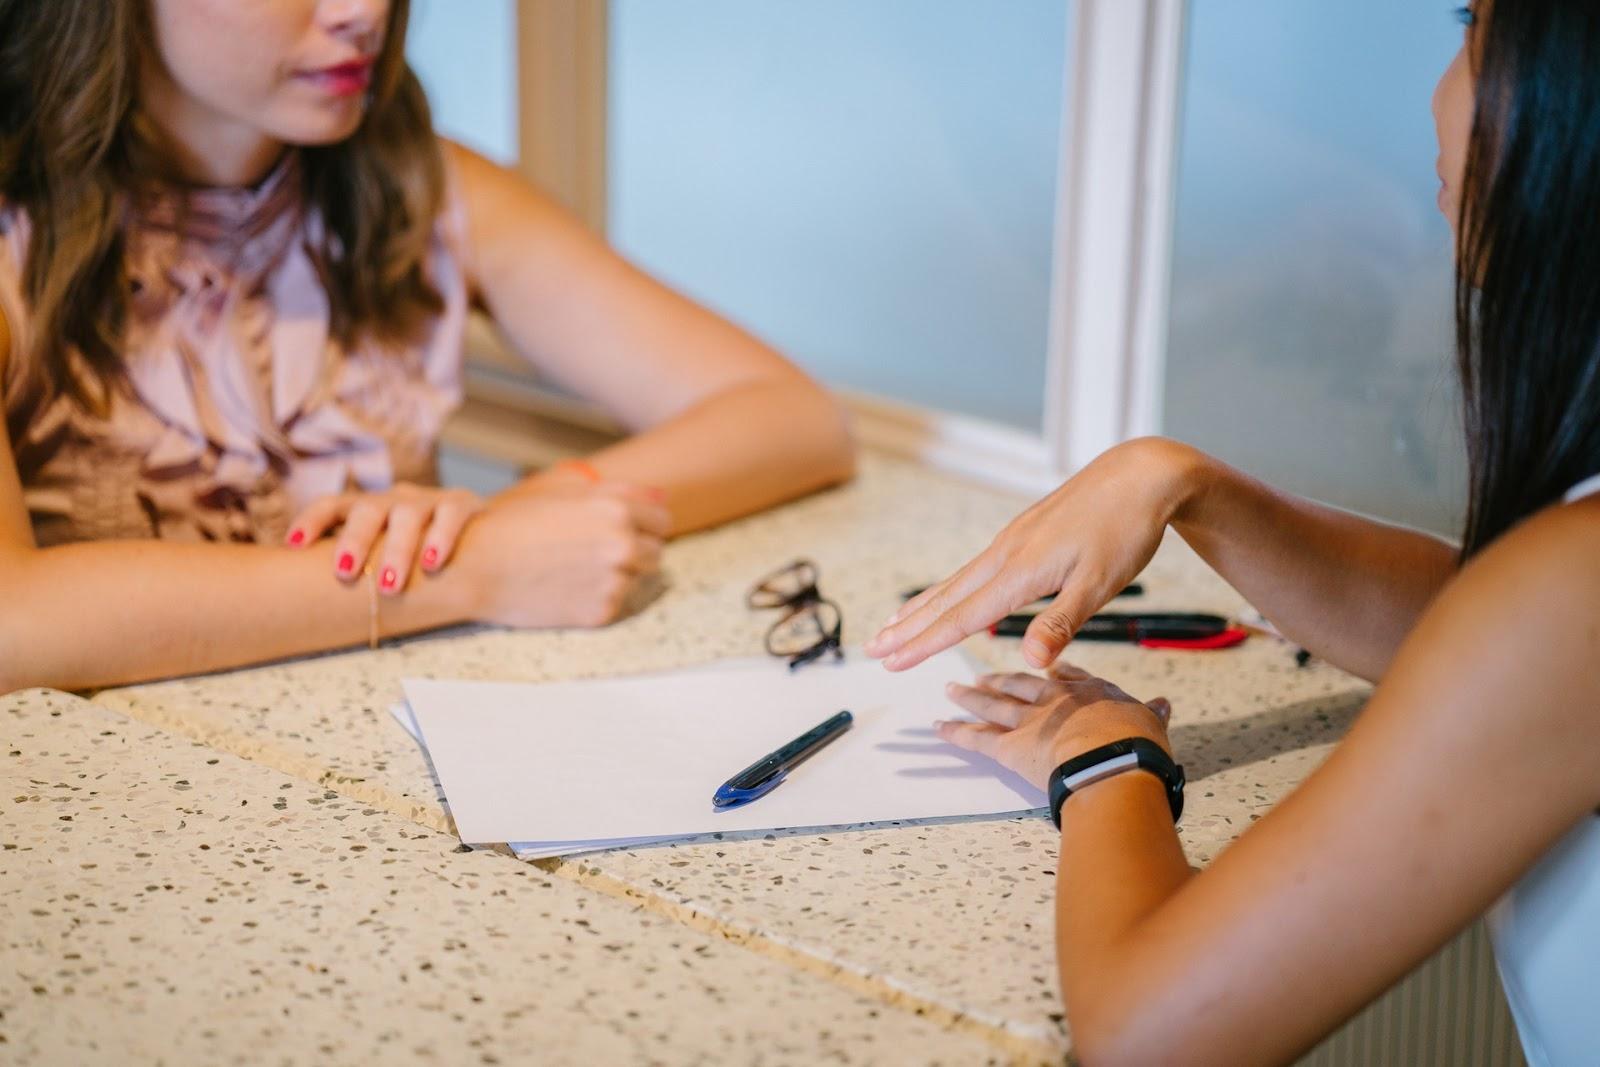 Duas mulheres conversando em uma mesa.